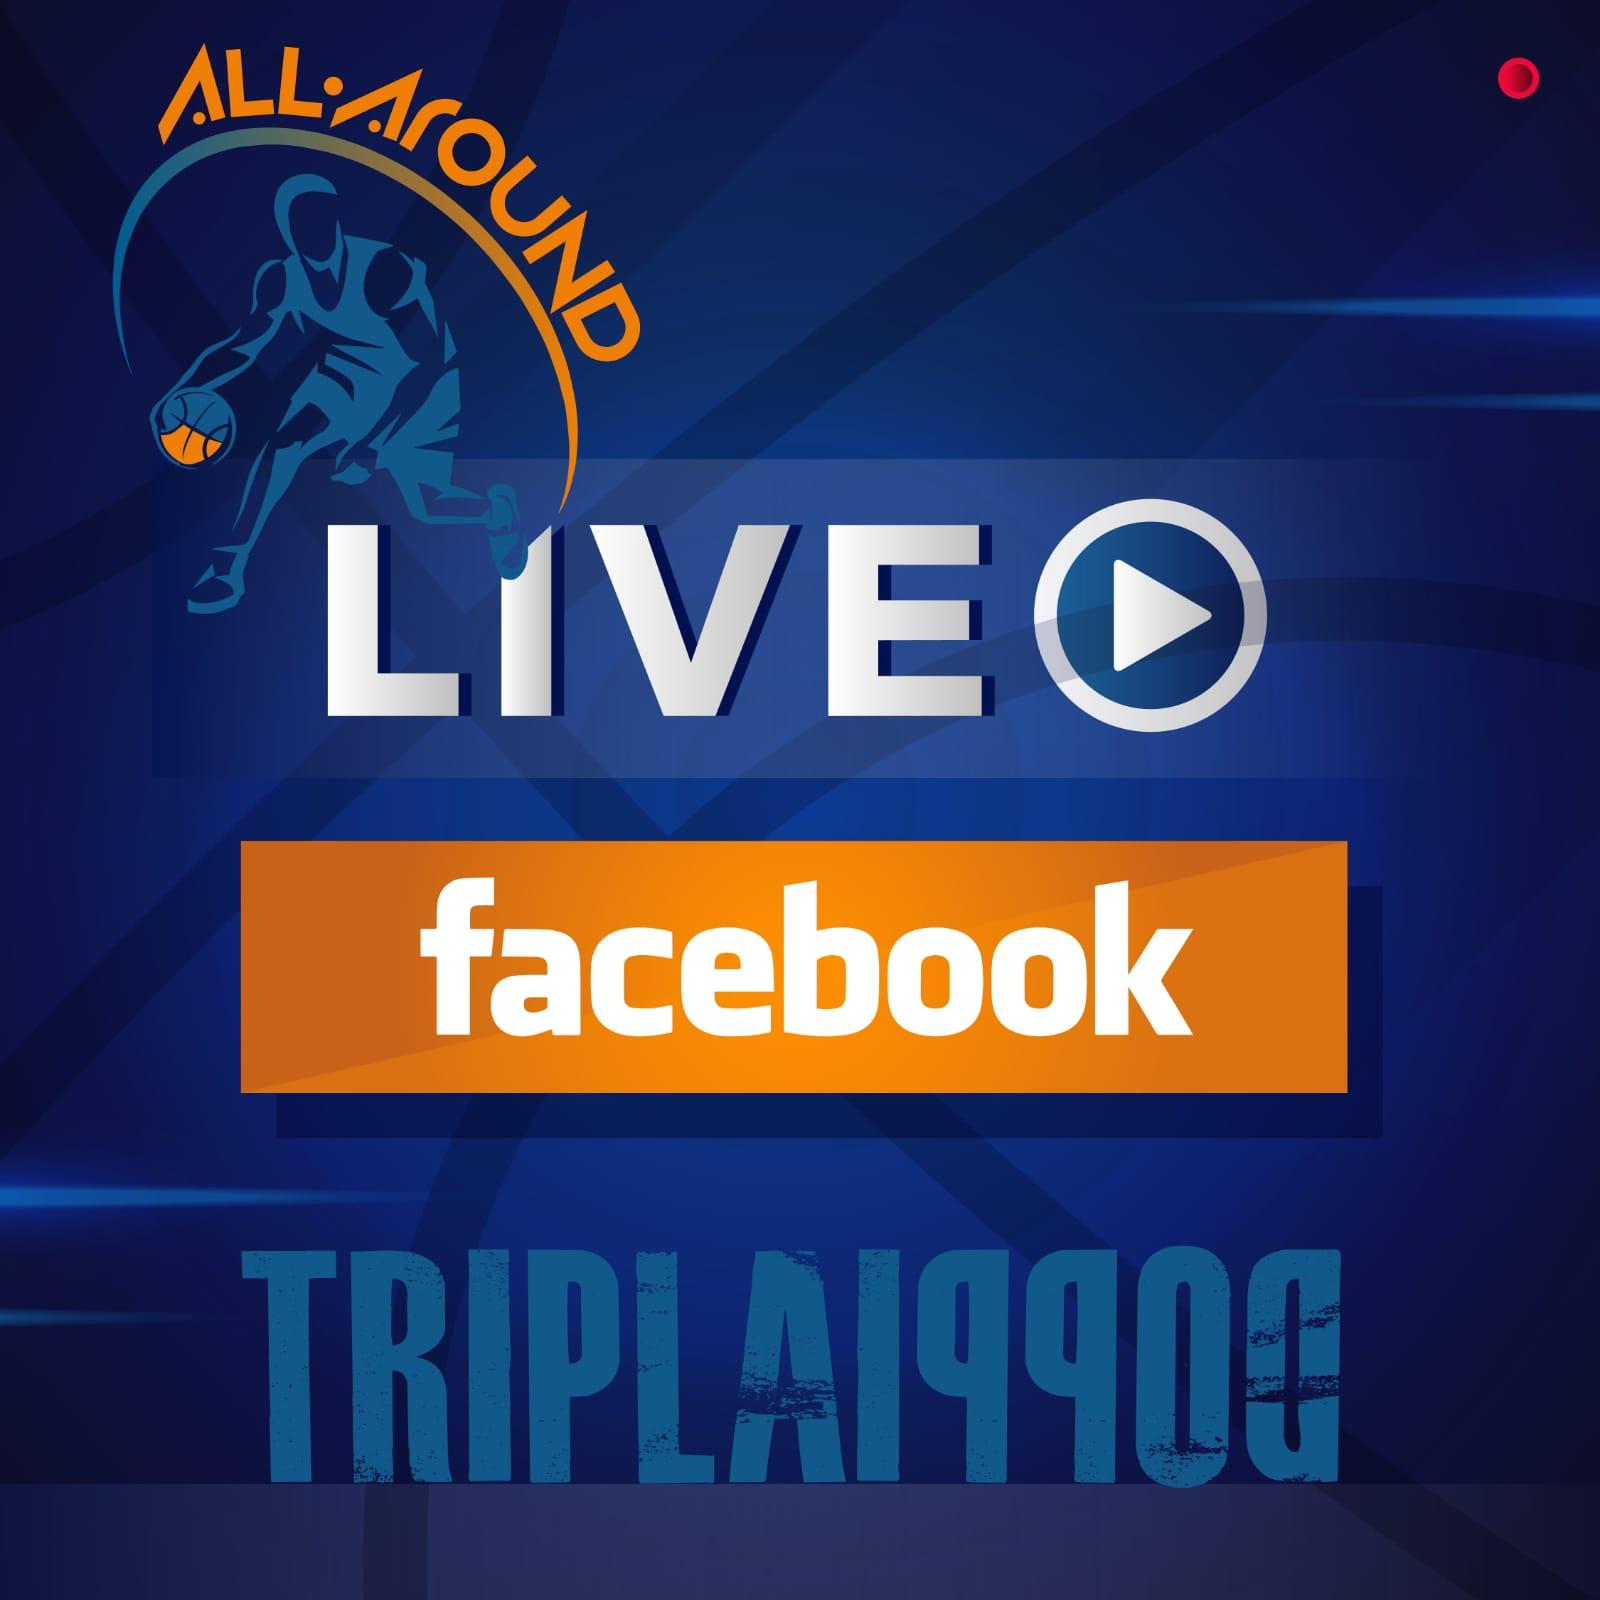 TriplaDoppia by All-Around.net 2020-21: 26^ Puntata live su Facebook di TriplaDoppia con la LBA che riparte e molto altro ancora